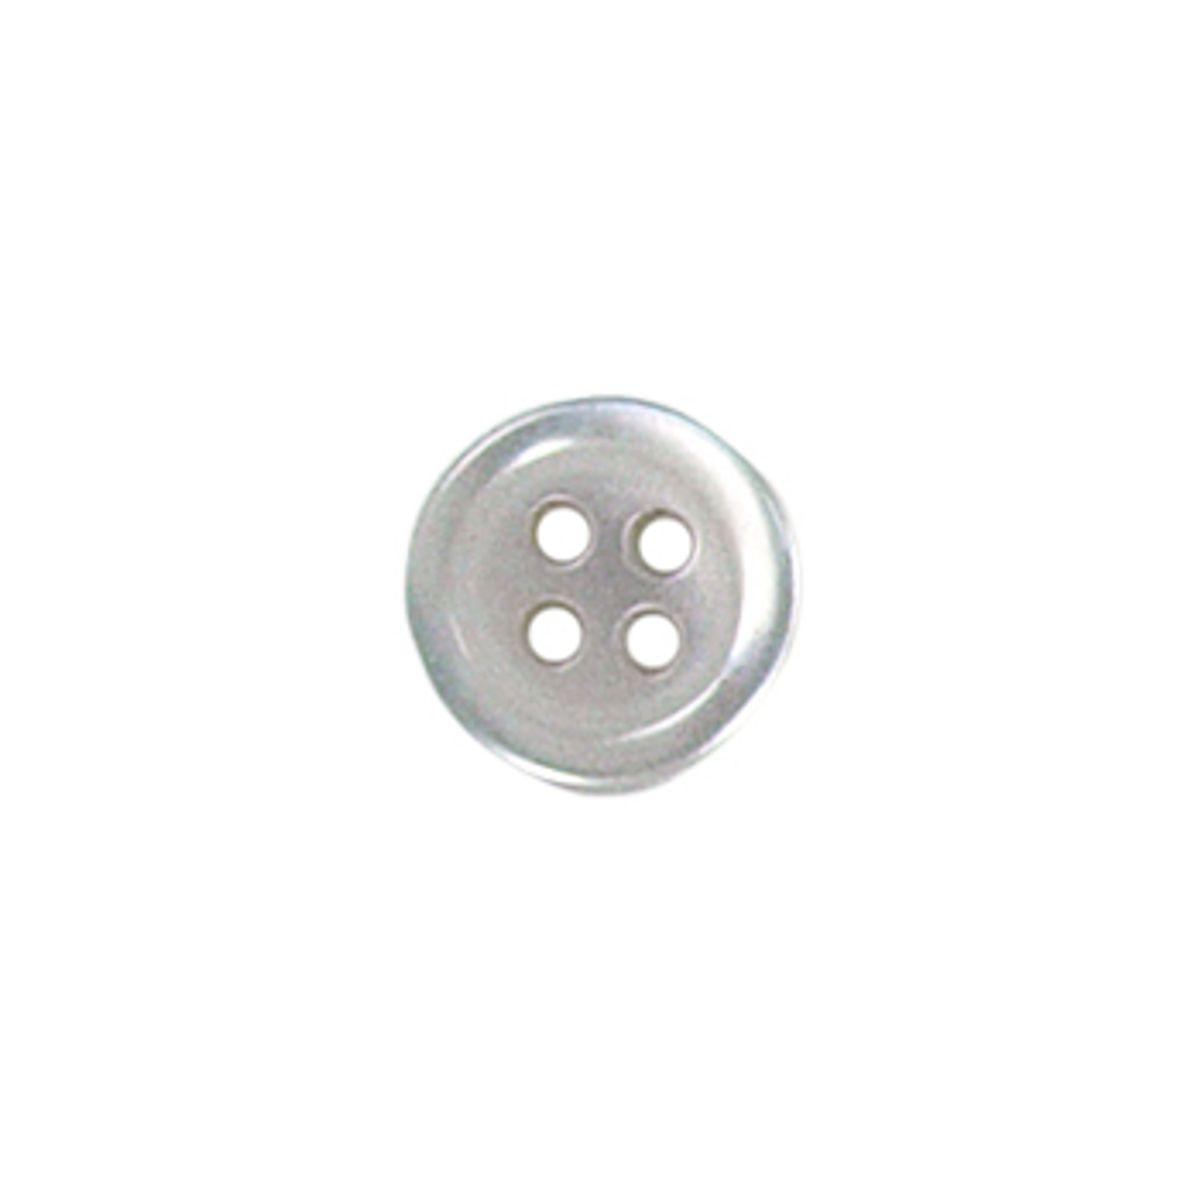 Tube de 6 boutons 4 trous - 10 mm